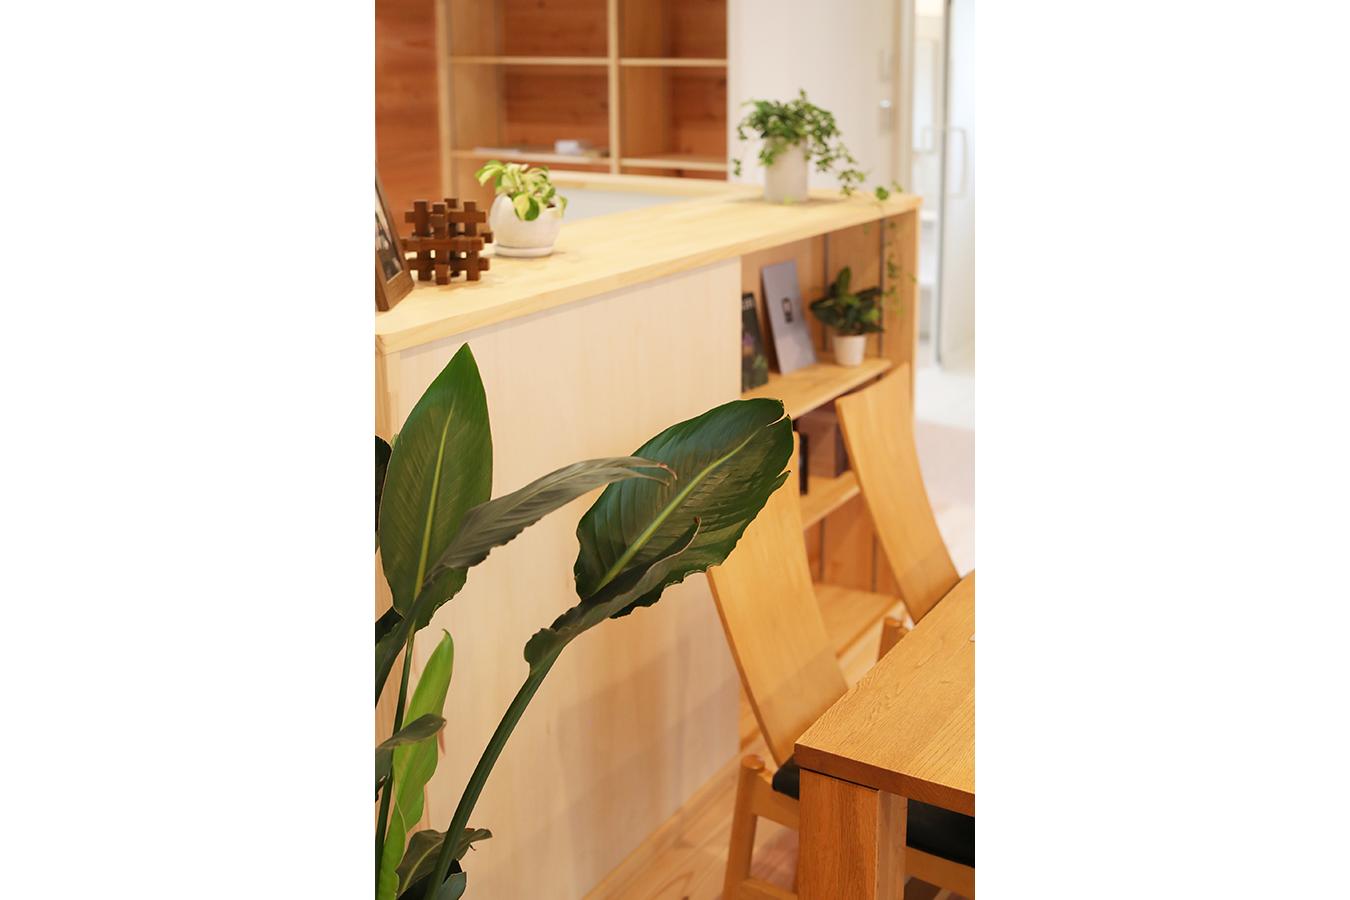 キッチンカウンターに設けた造作棚は お気に入りの雑誌や小物を何気なく置いておける使い勝手のいい場所